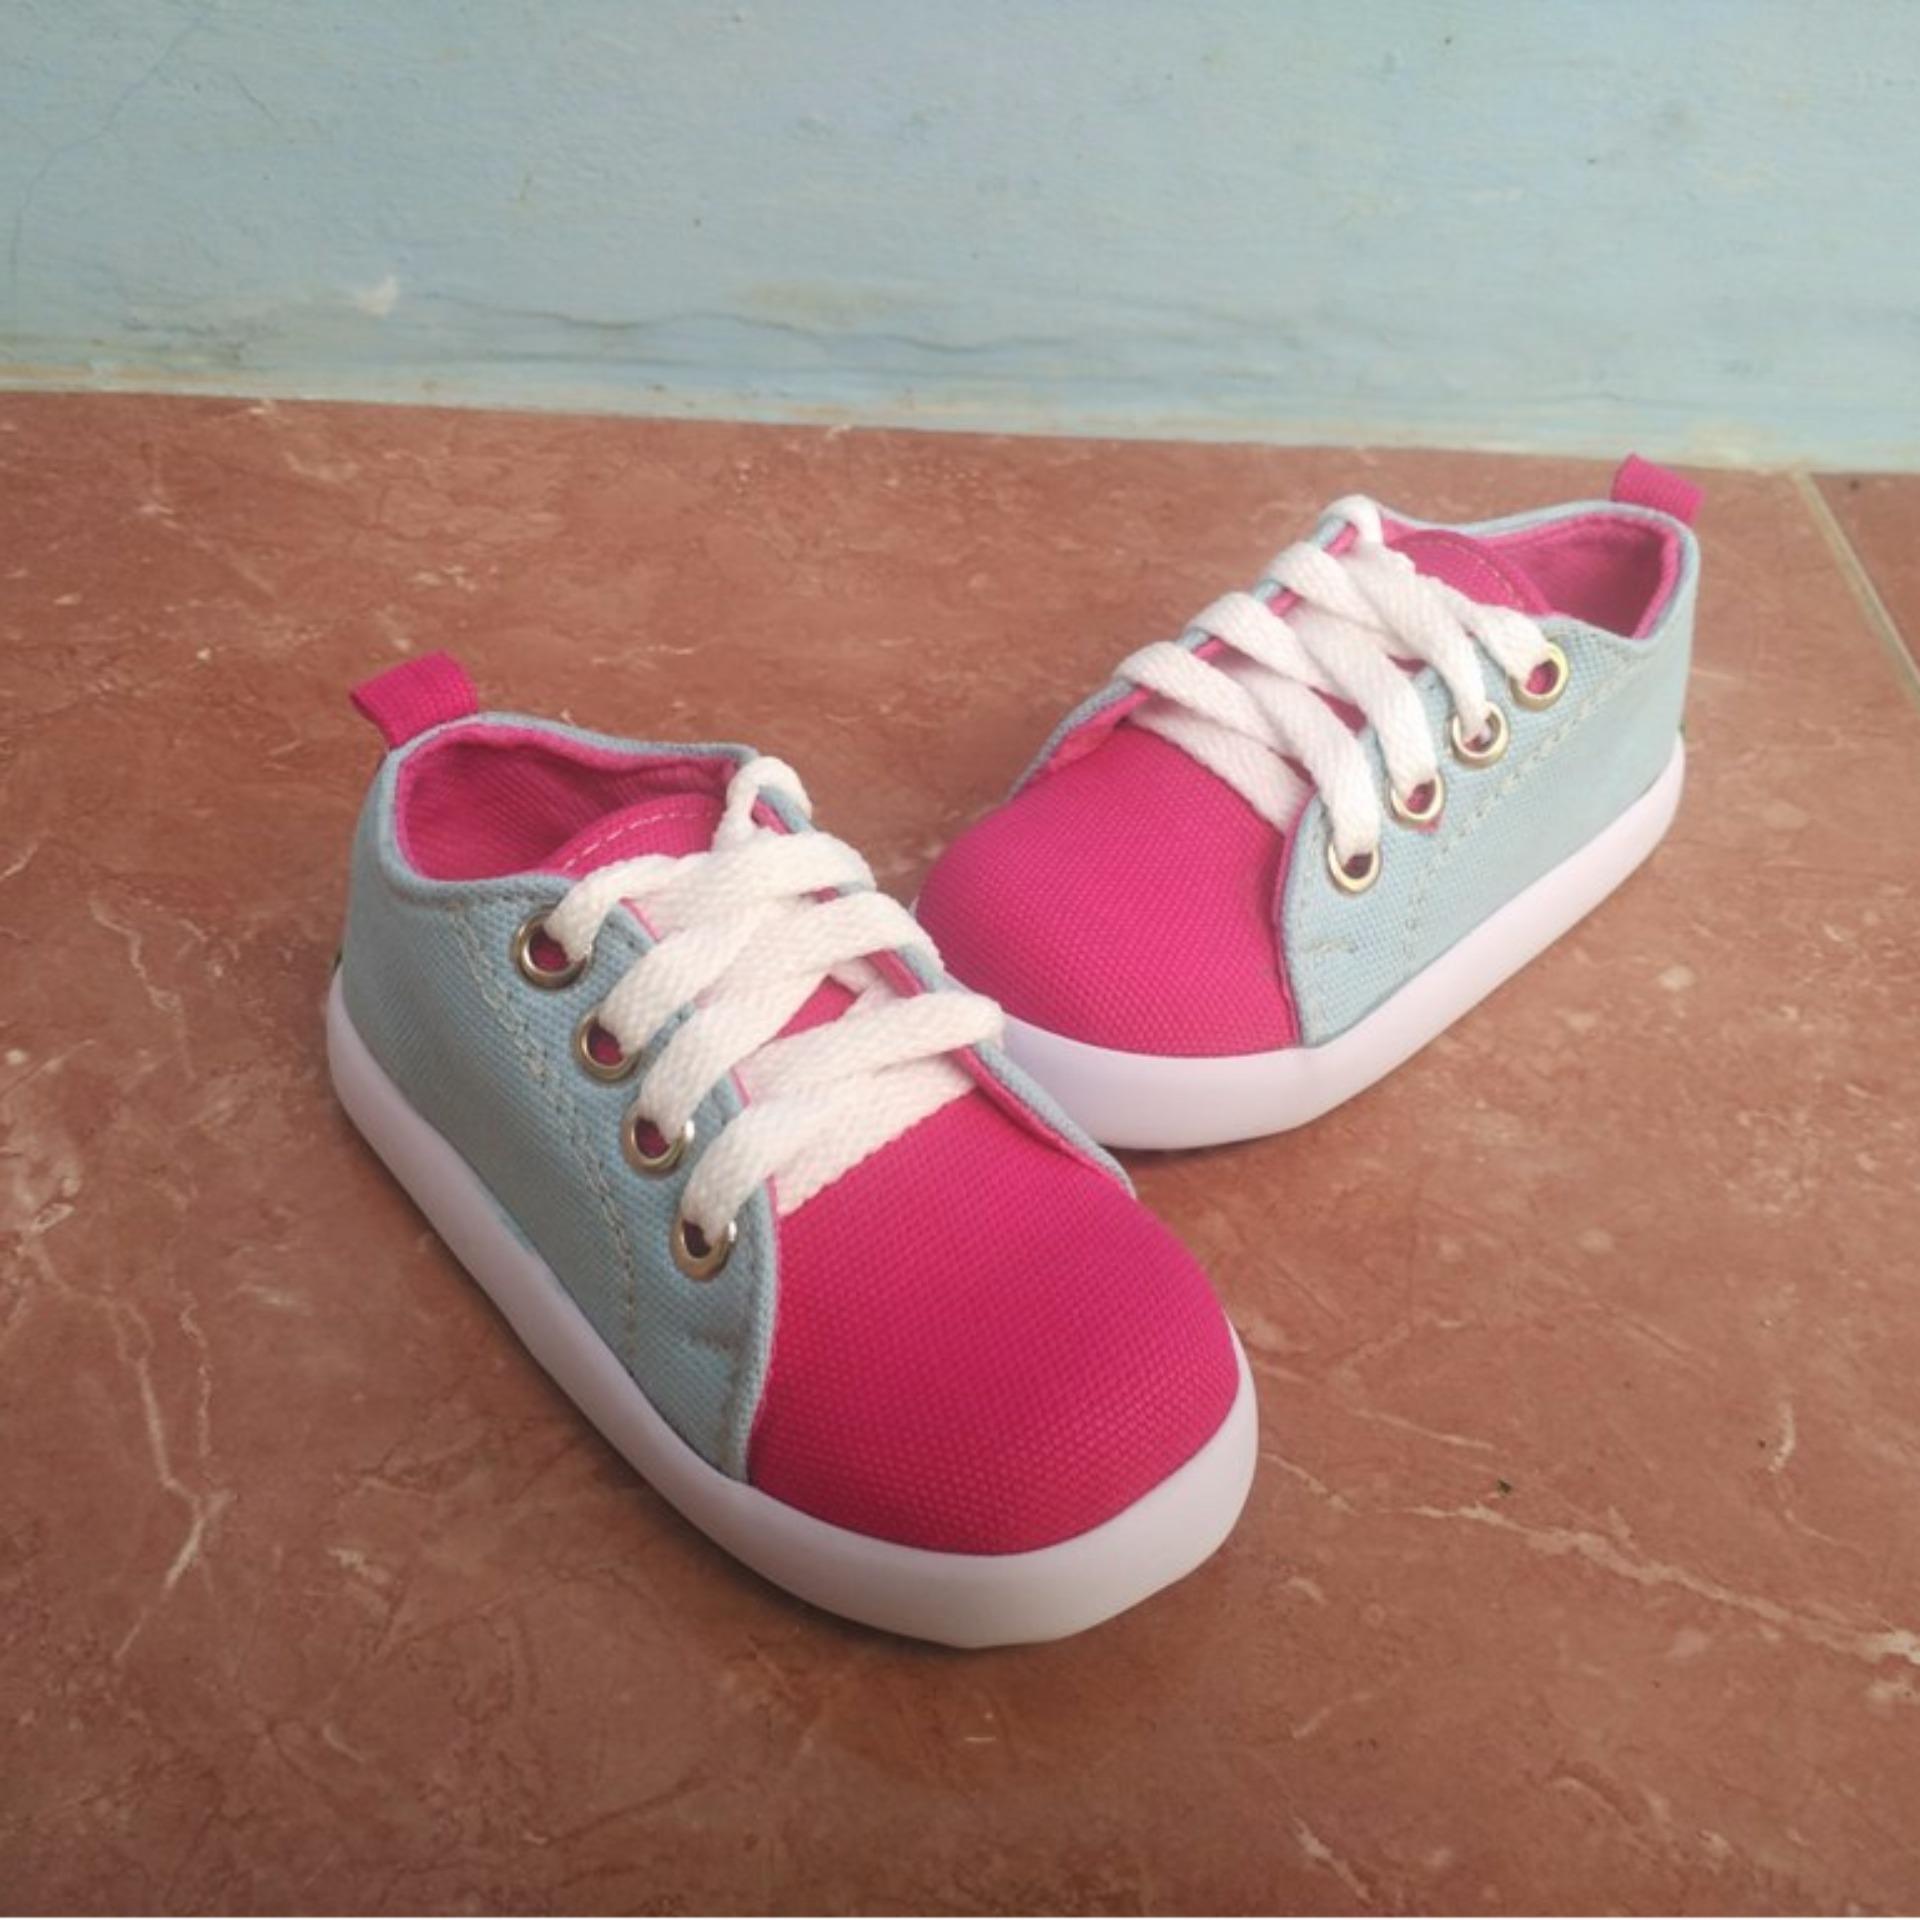 Spesifikasi Sepatu Sneaker Anak Perempuan Biru Pink Lucu By Shuku Terbaik